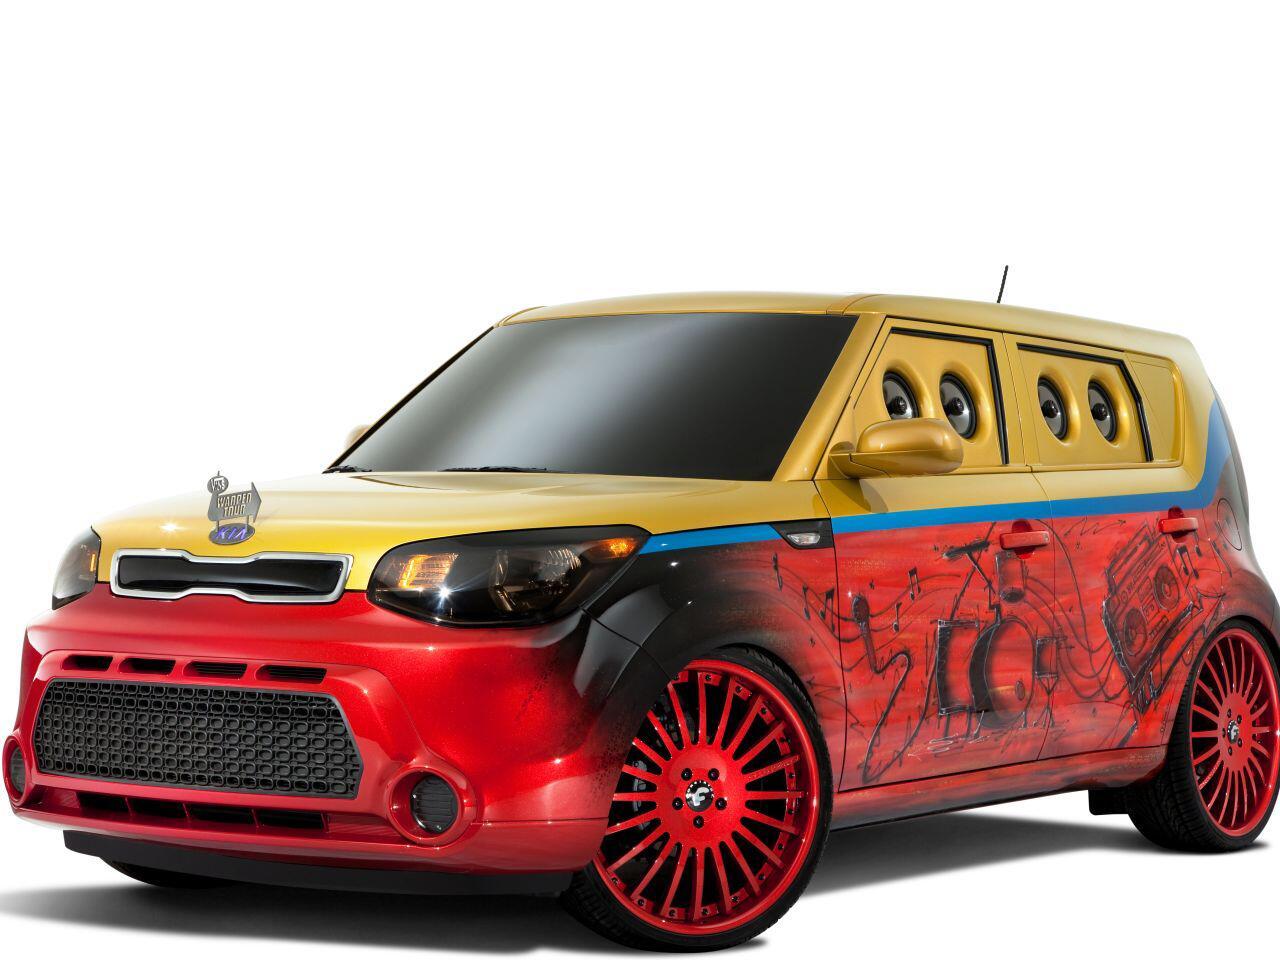 Bild zu Stylischer Kia Vans Warped Tour Soul: Auf den Straßen macht er die Musik